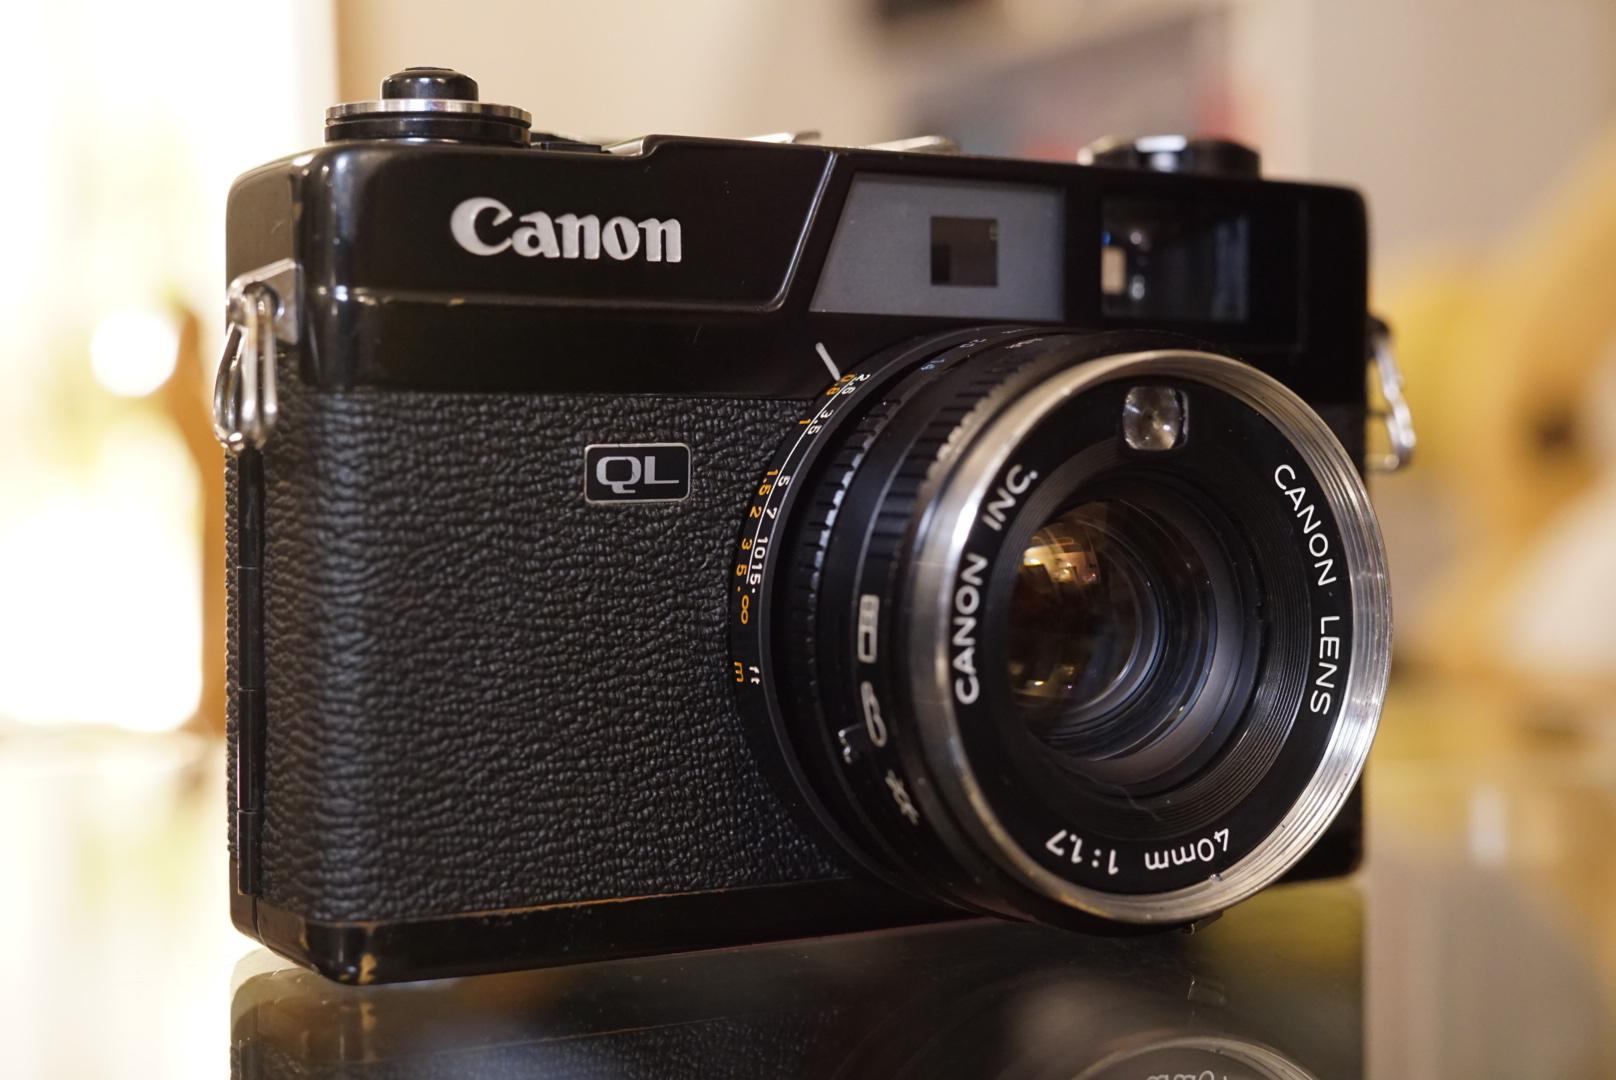 New Canonet QL17